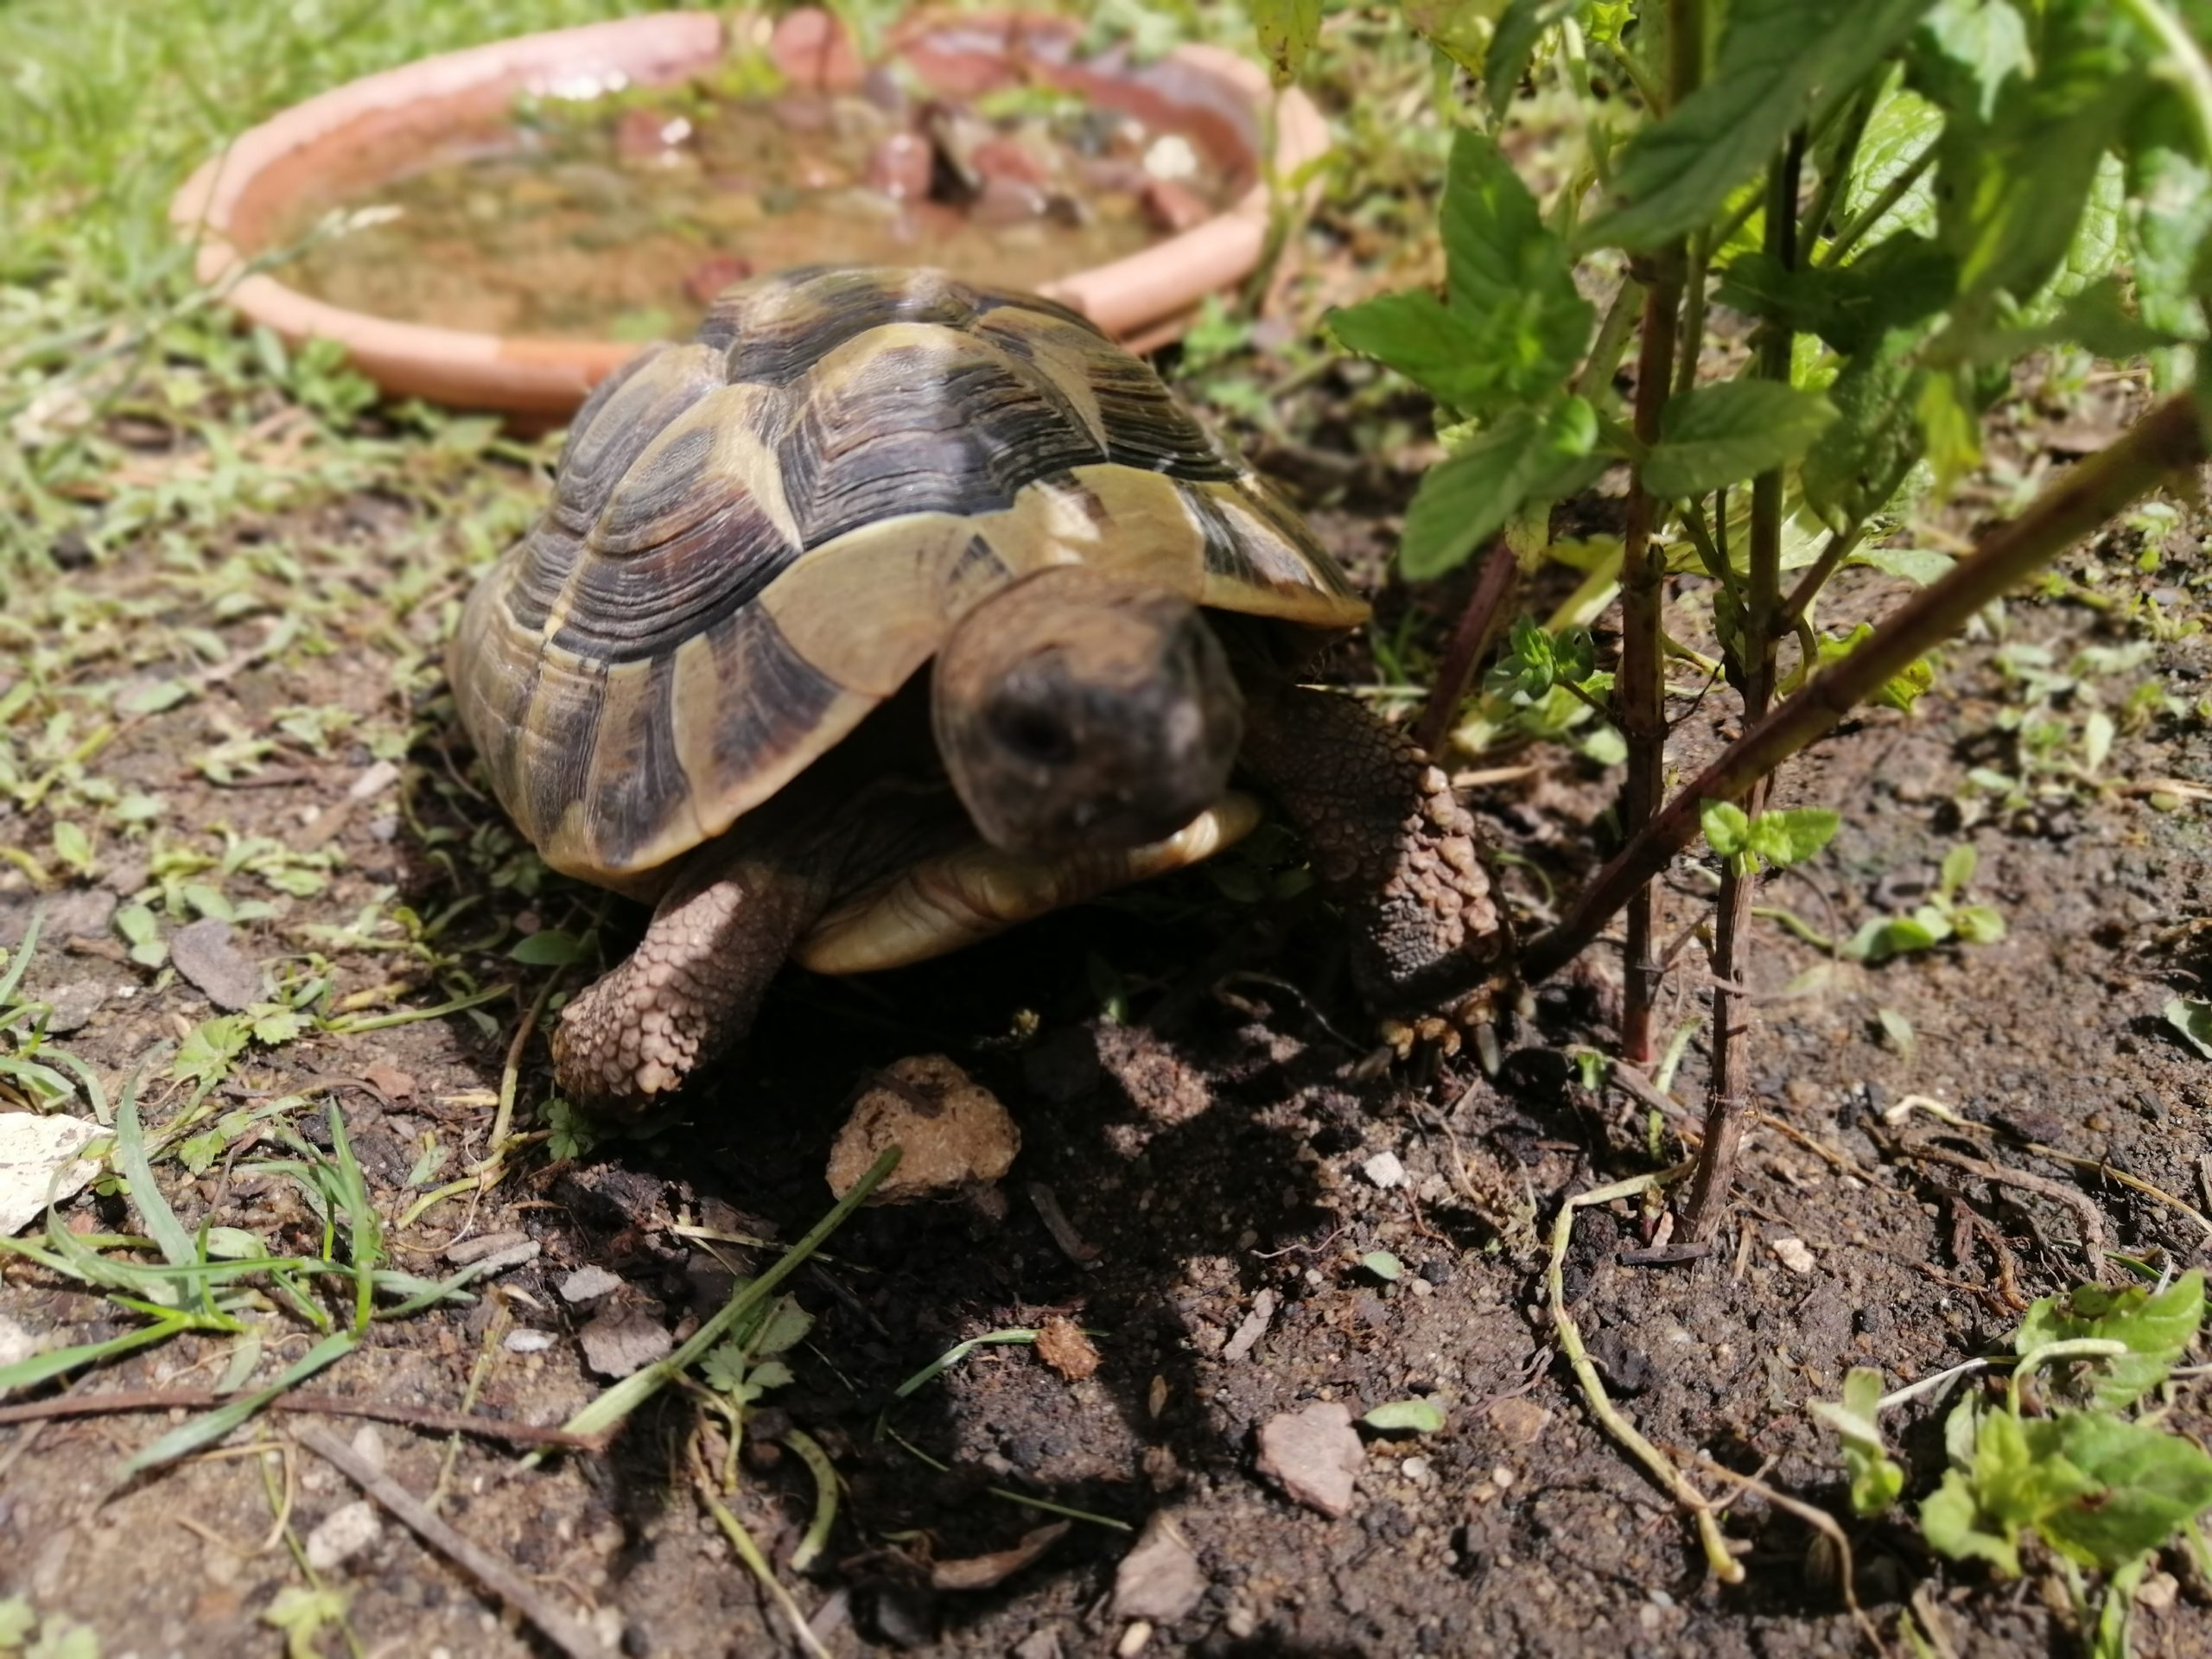 Griechische Landschildkröte Lena genießt die warme Mittagssonne ️